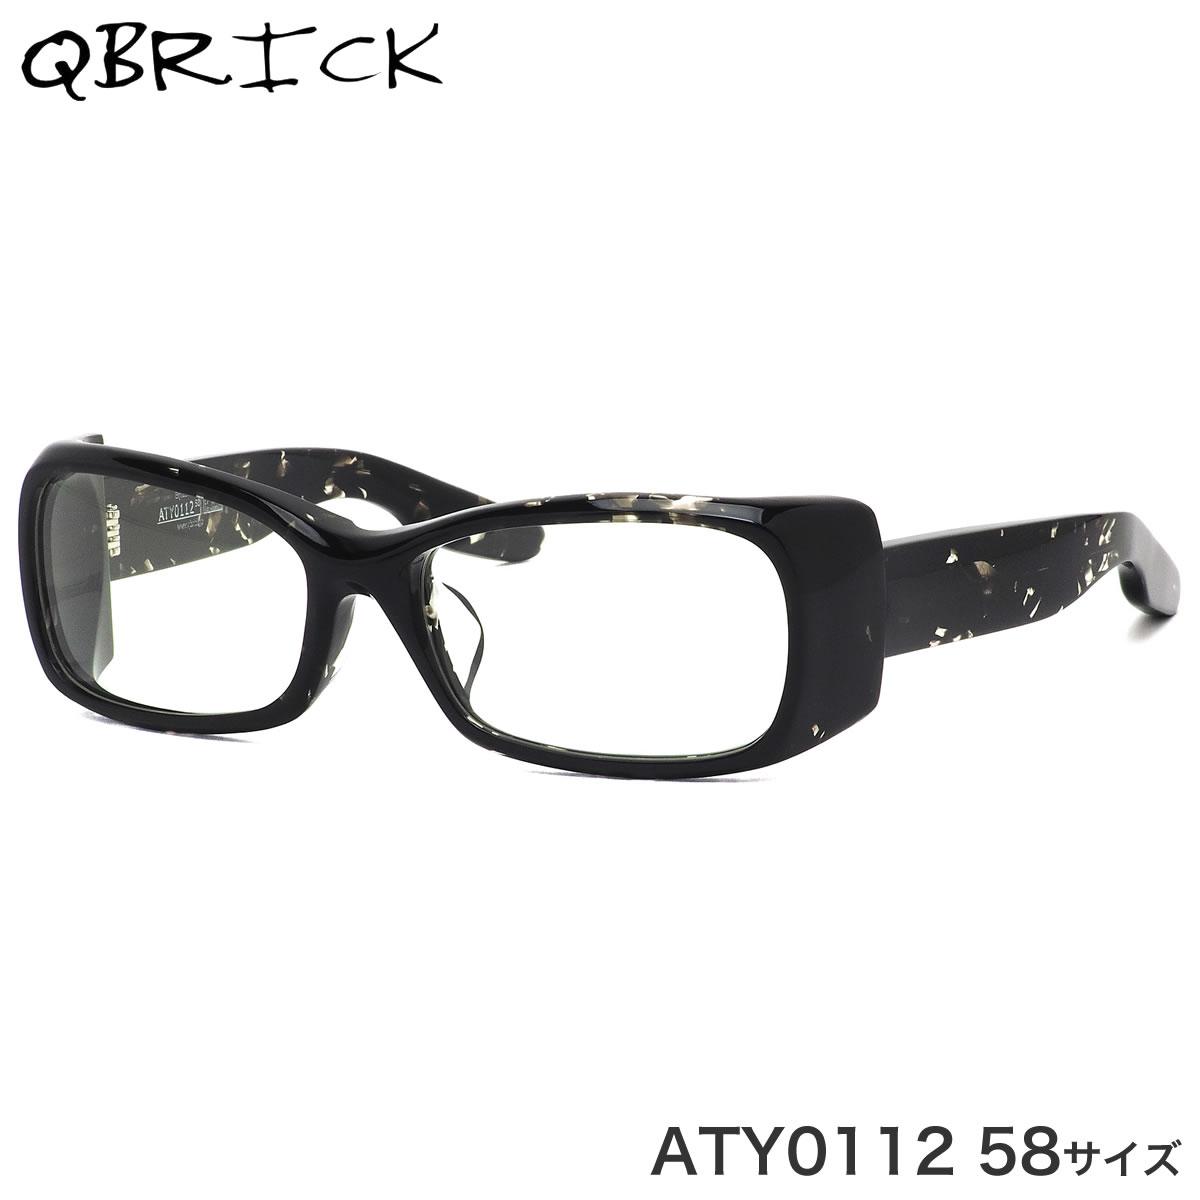 キューブリック QBRICK メガネ ATY01 12 58サイズ ALBERT アルベルト アルバート デミ 鯖江 2019セカンドコレクション メンズ レディース